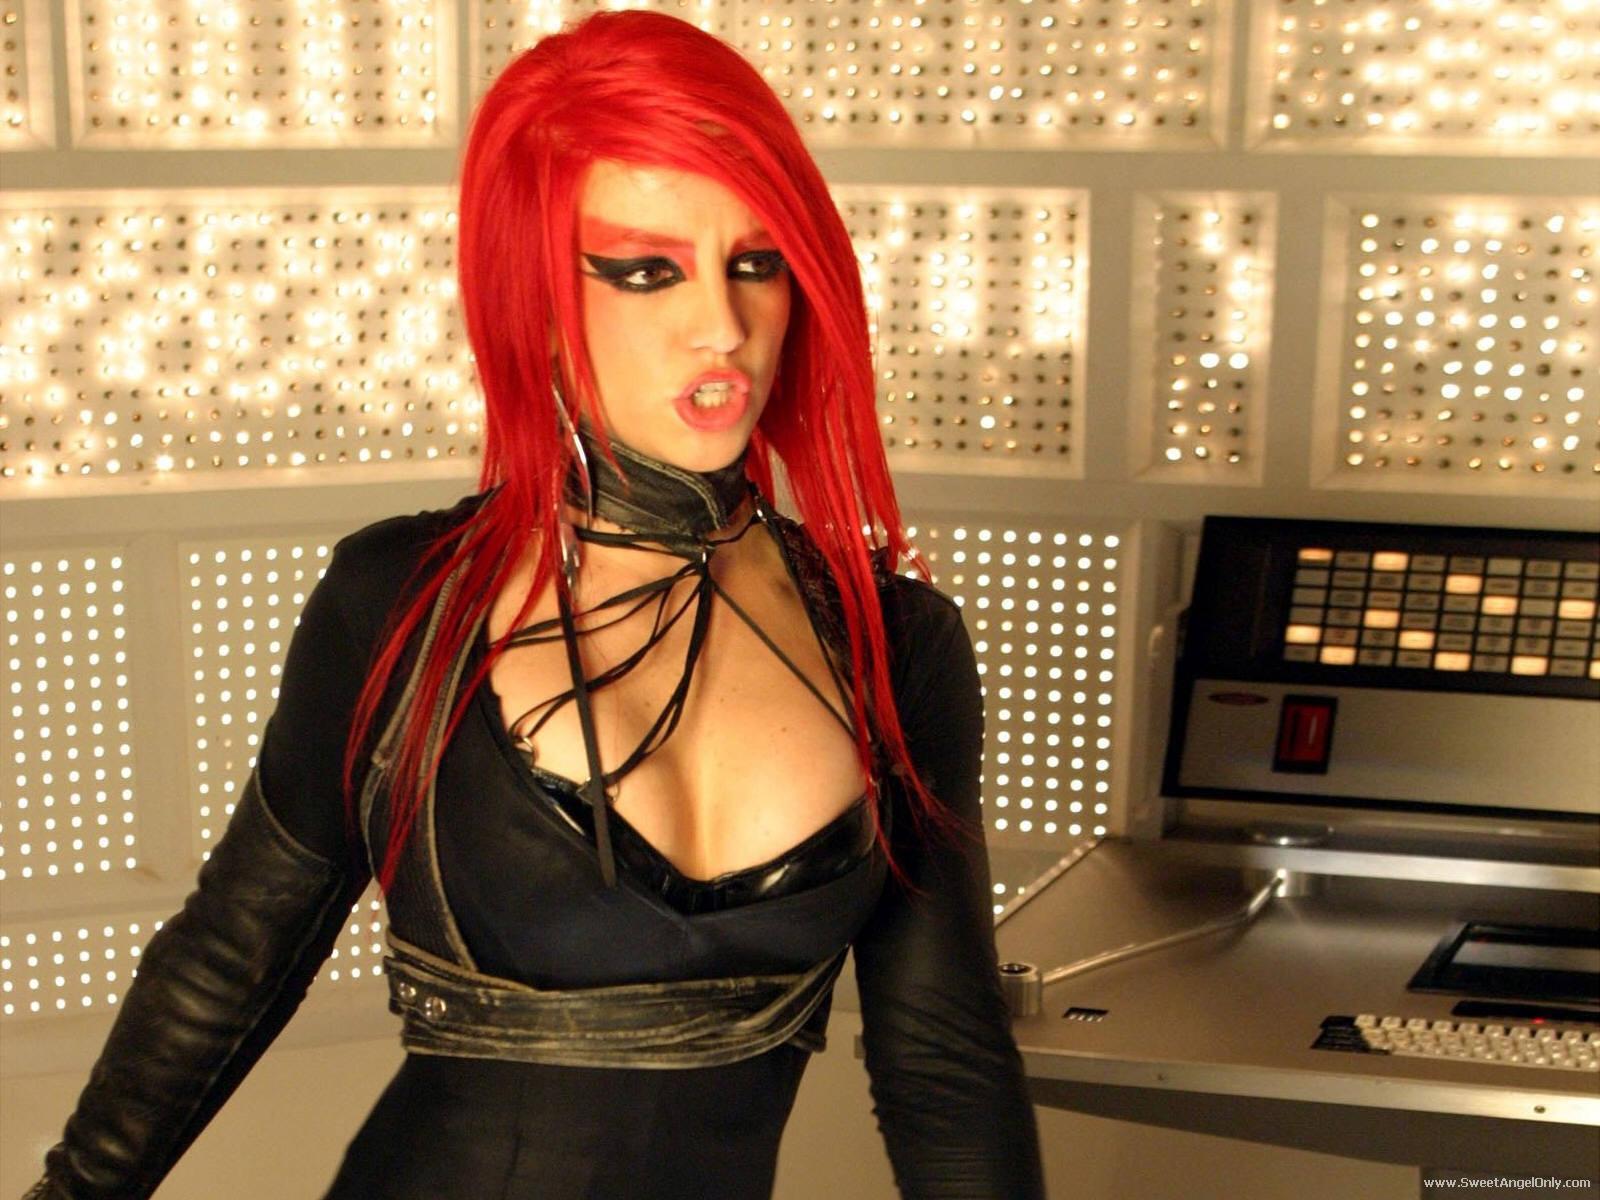 http://2.bp.blogspot.com/-FacpT-Xdlks/TtiS8KUzzsI/AAAAAAAABRM/T8W-TpFG2R8/s1600/hollywood_singer_britney_spears_wallpaper-1600x1200-01.jpg